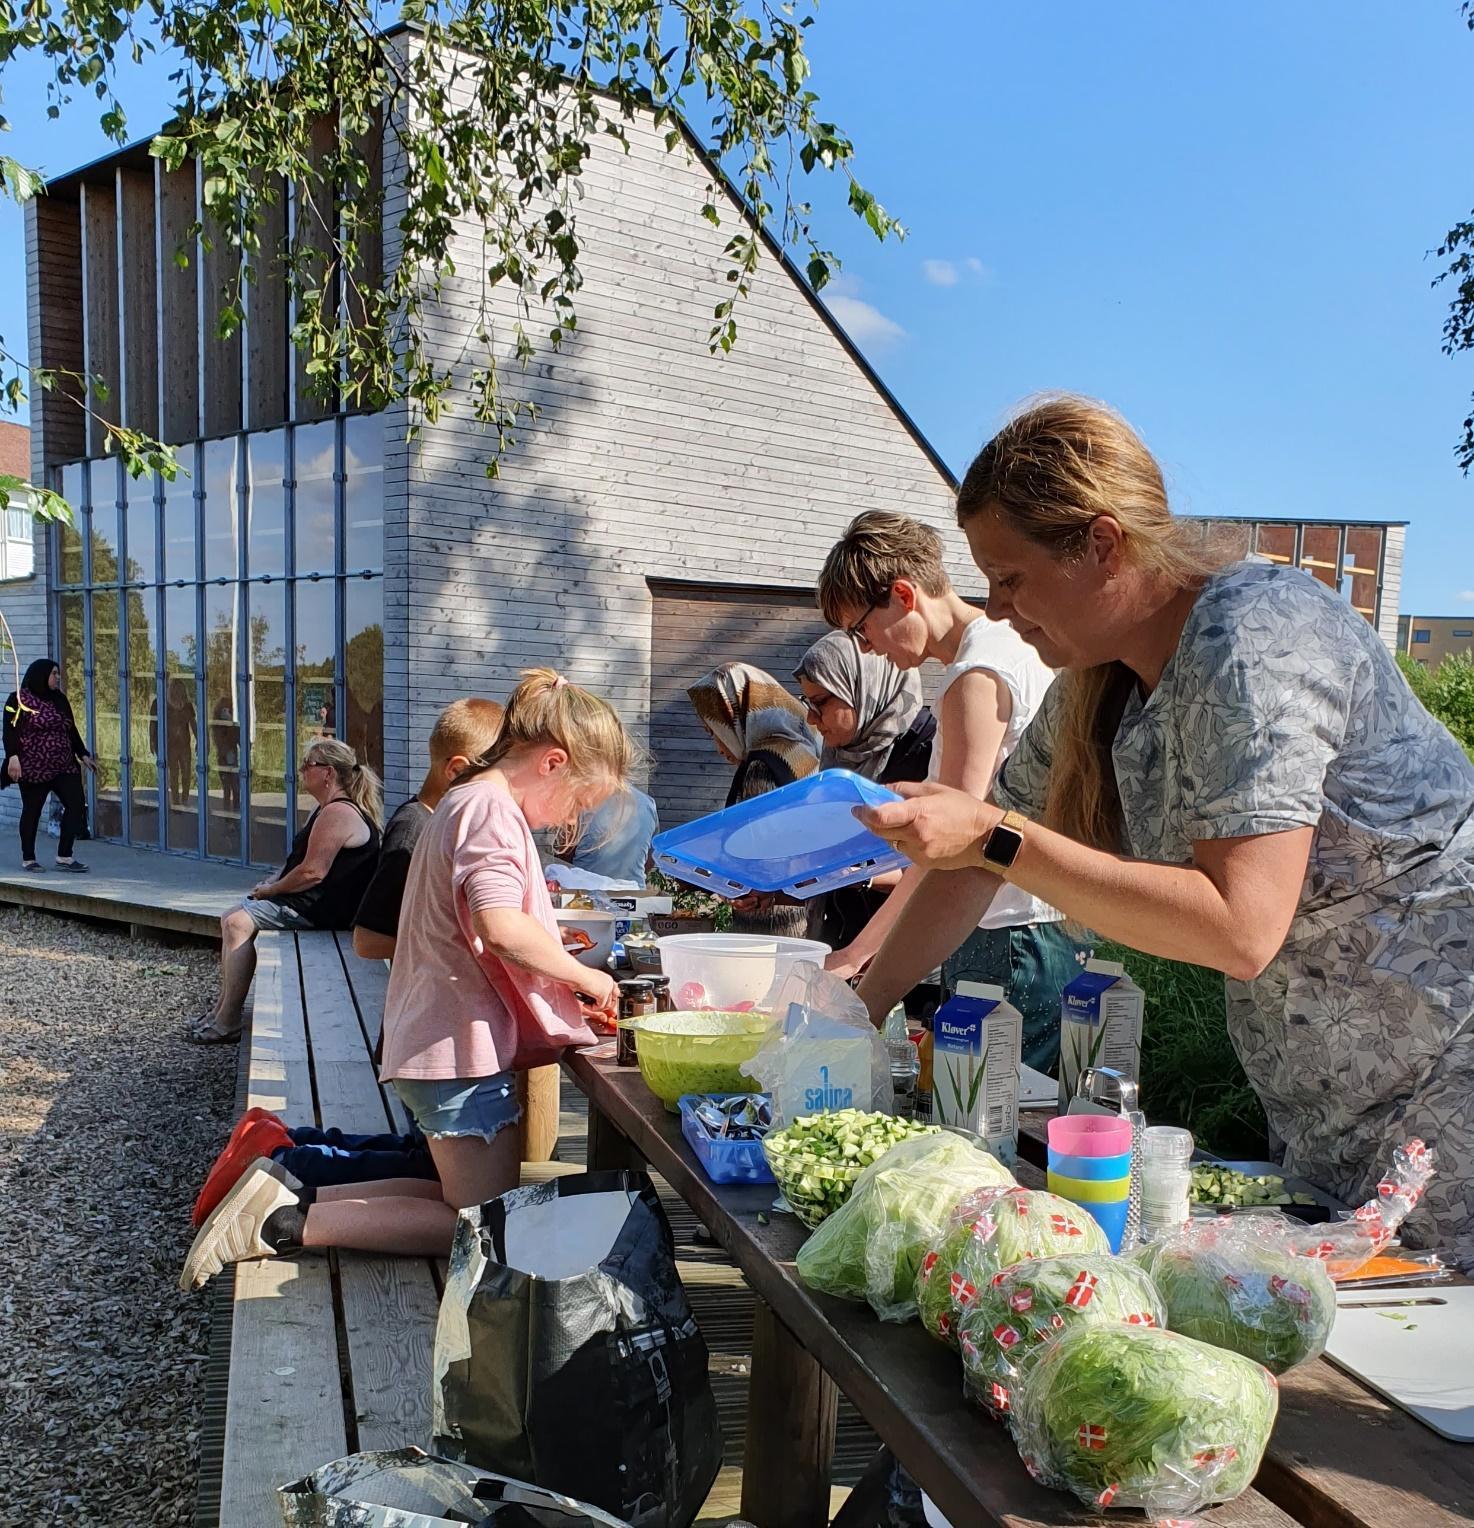 Børn og voksne ved det lange udendørs bord i gang med at forberede mad